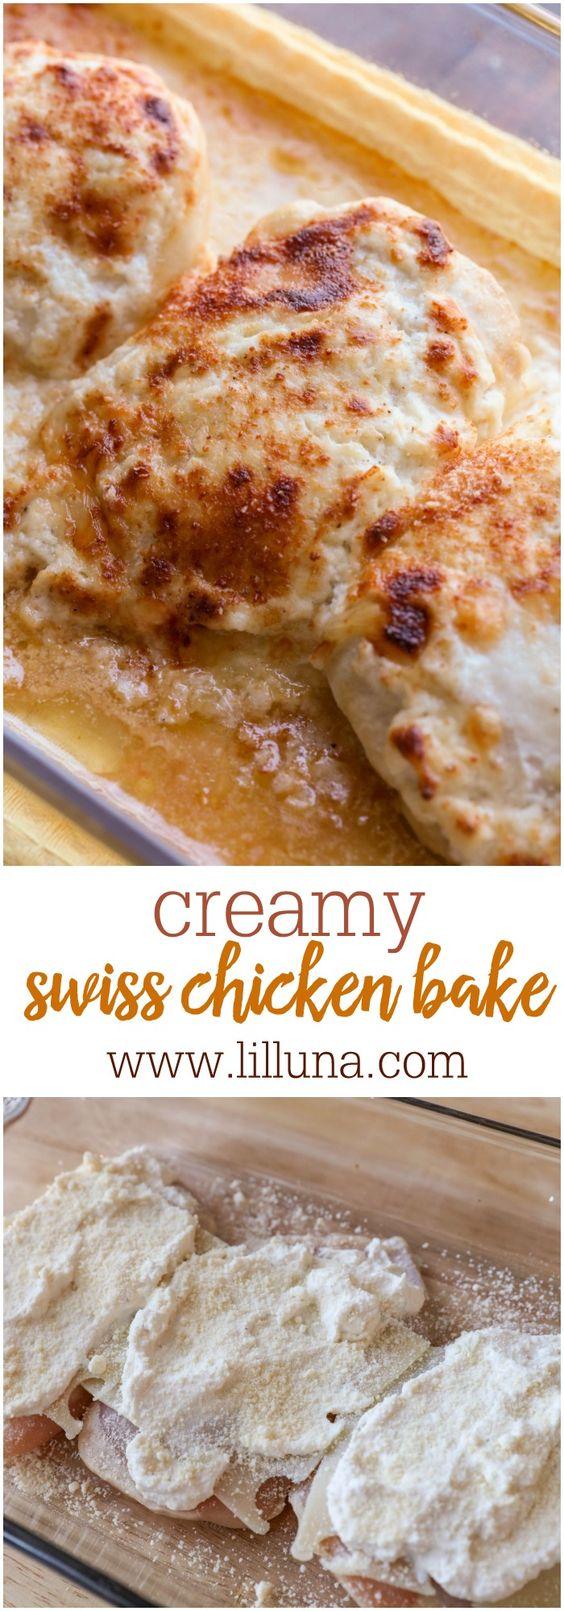 Delicioso cremoso suiza pollo Hornear - una forma sencilla y deliciosa receta de la cena que incluye queso suizo y parmesano.